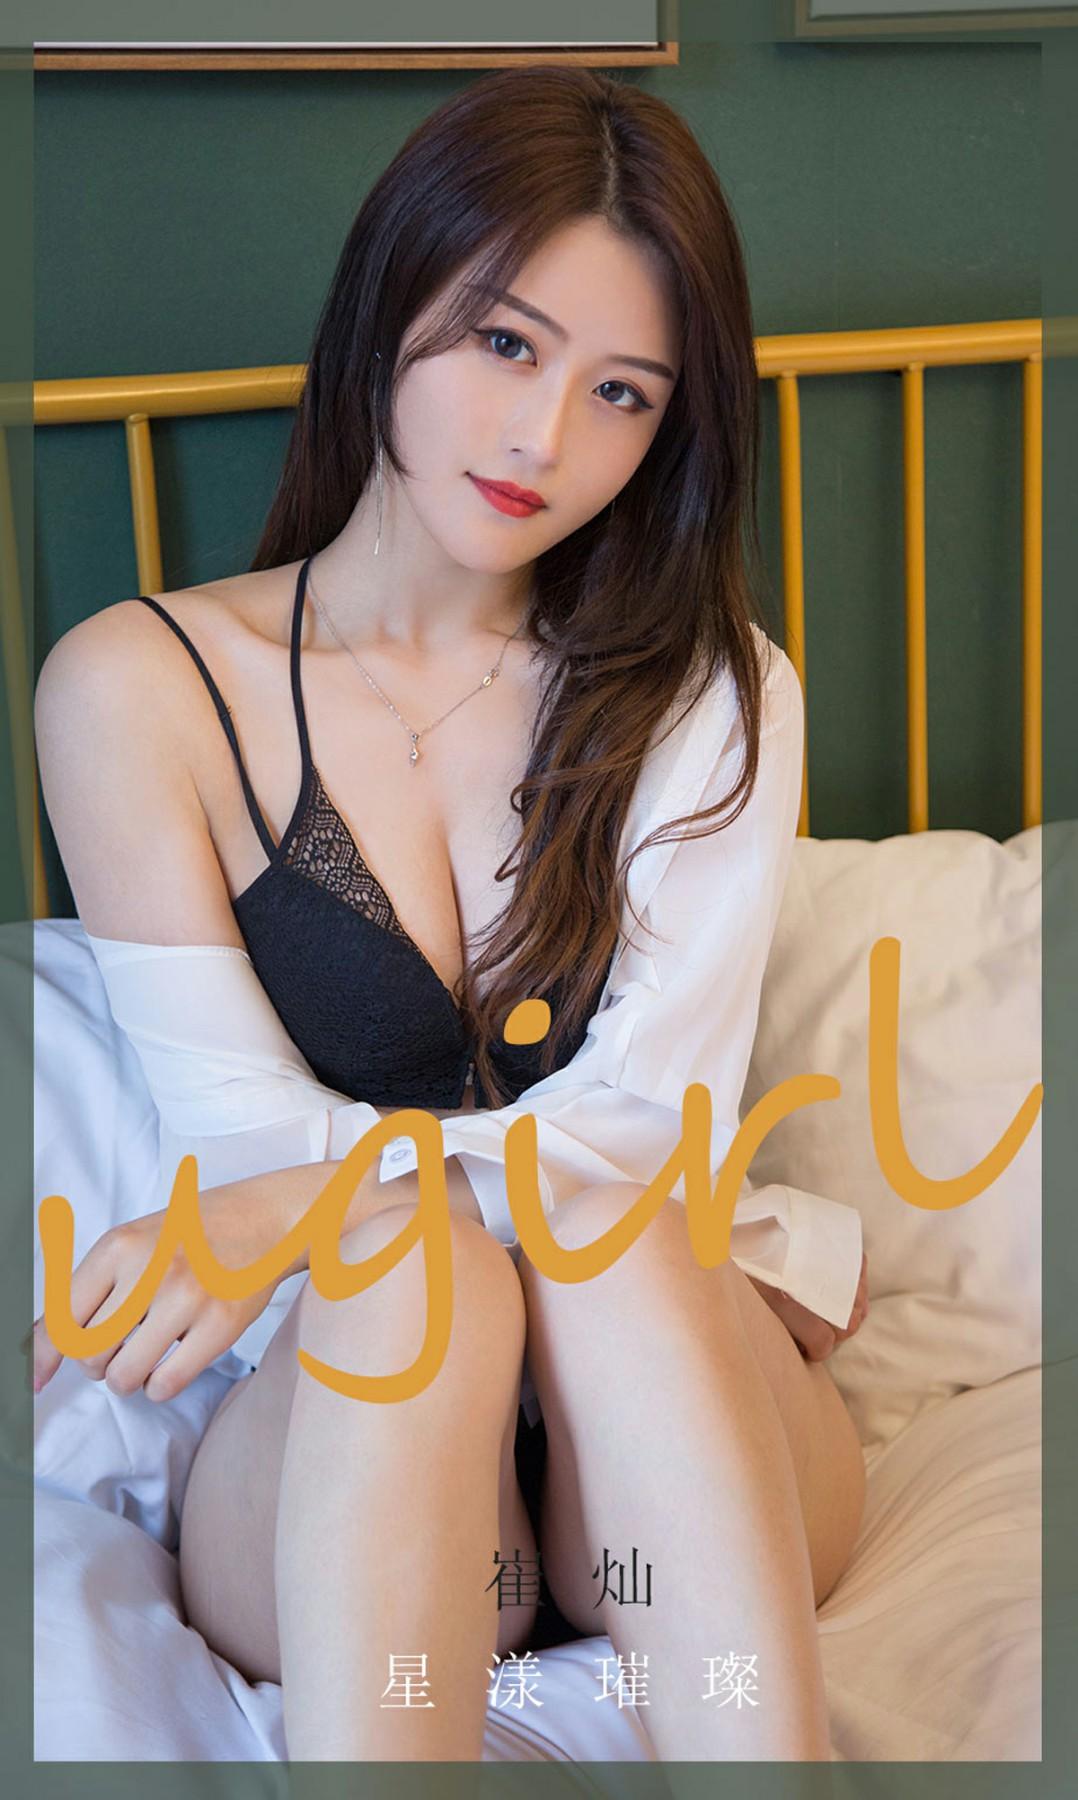 [Ugirls尤果网]爱尤物 2020.07.10 No.1862 崔灿 星漾璀璨 第1张